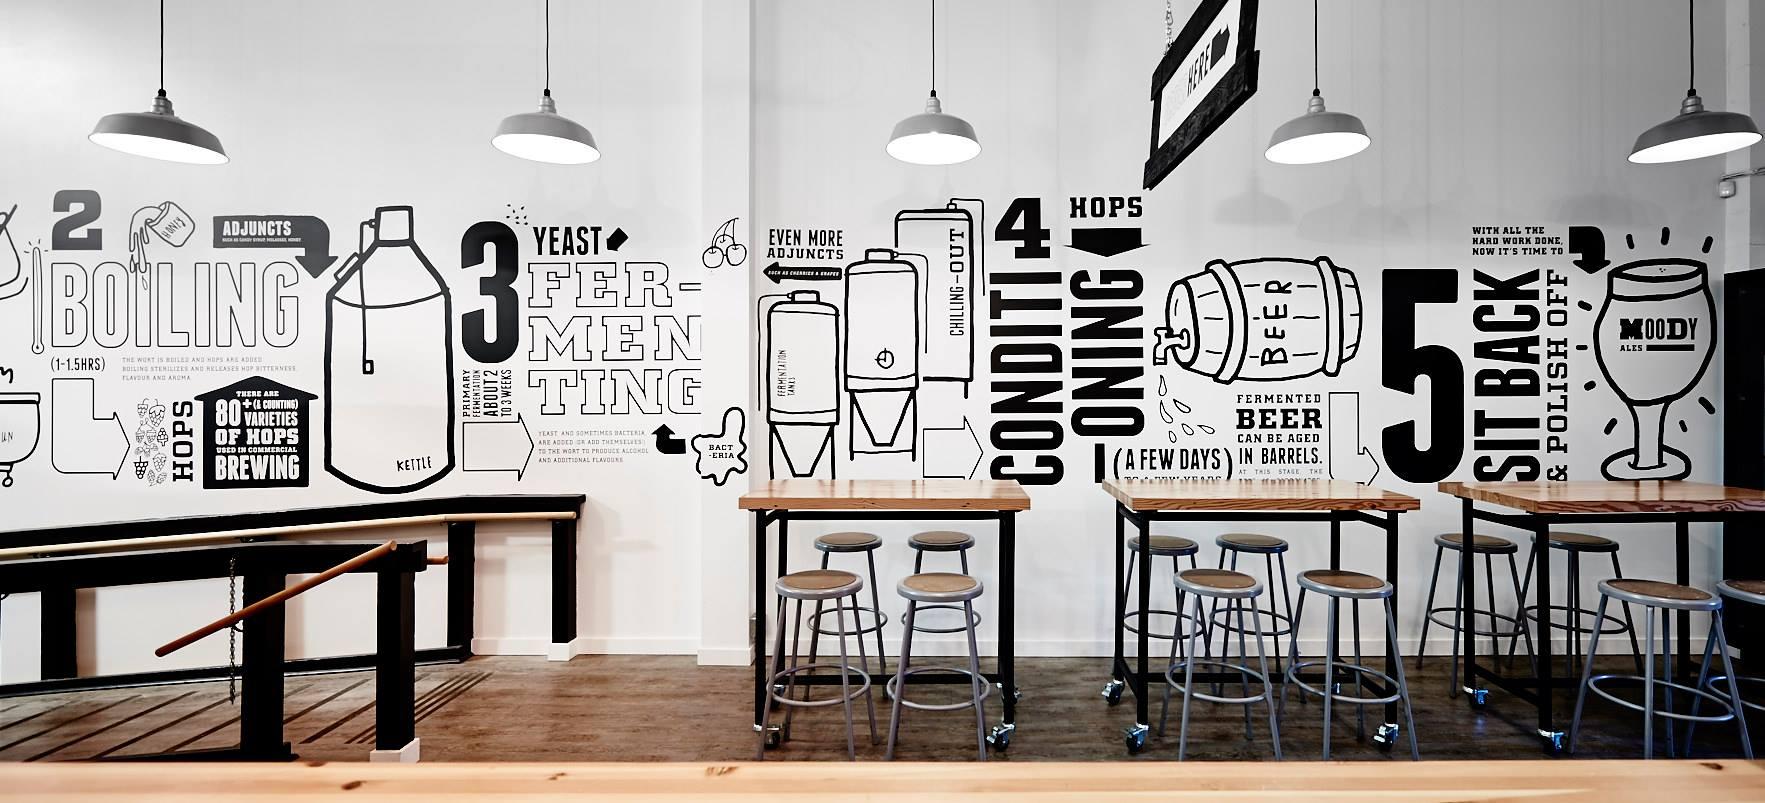 Moody Ales tasting lounge (Moody Ales/Facebook)